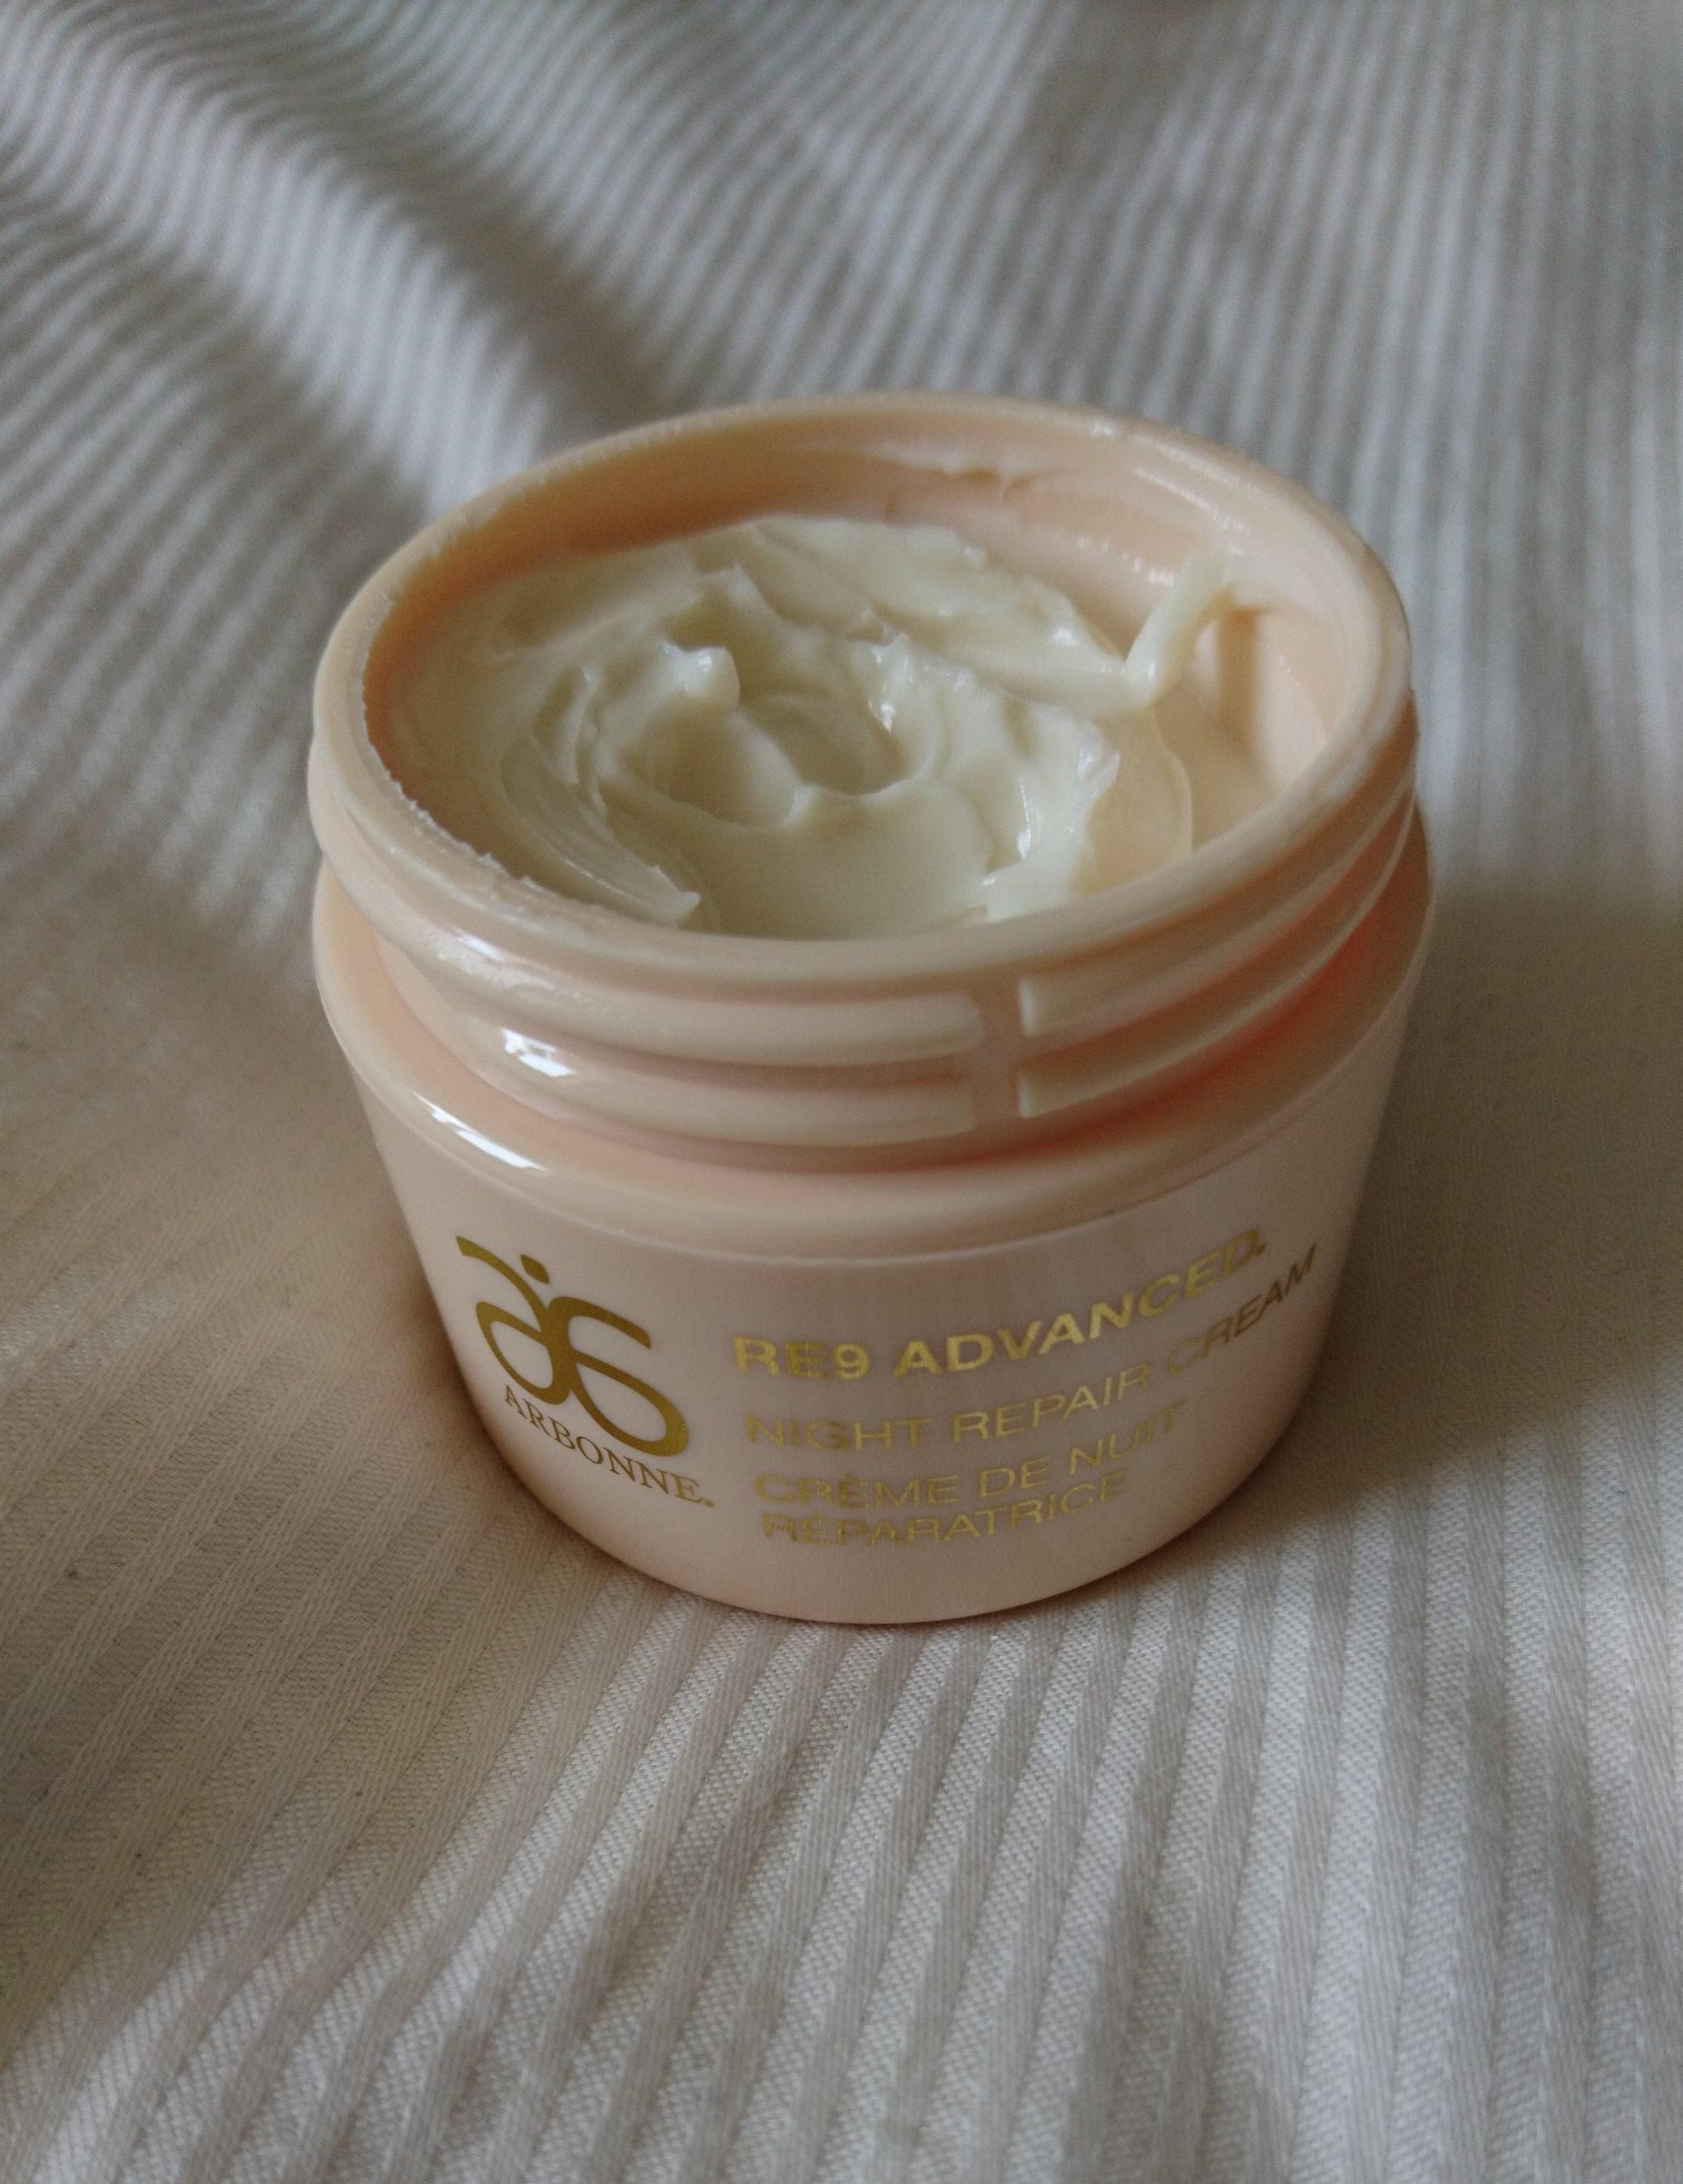 RE9 Night Repair Cream